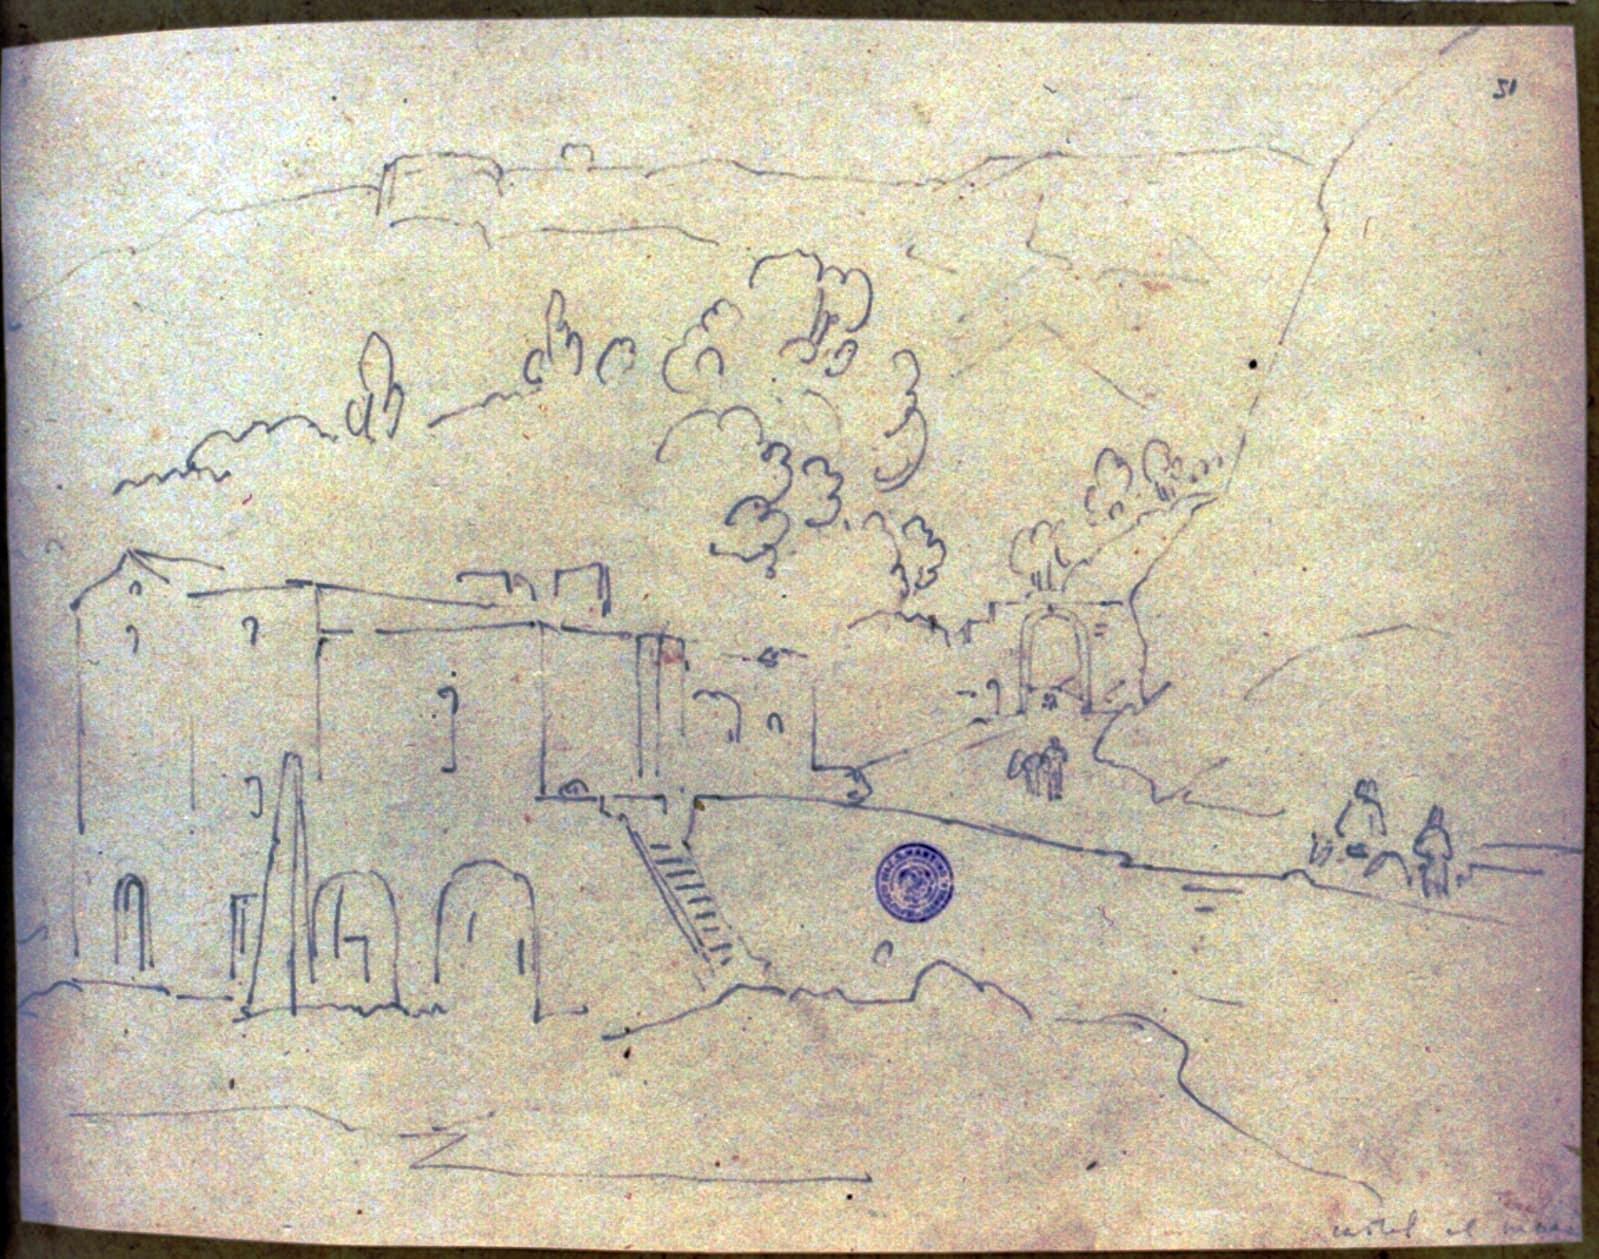 Frans Vervoloet, Salita del Mulino, disegno a matita rinvenuto da Salvatore Gallo